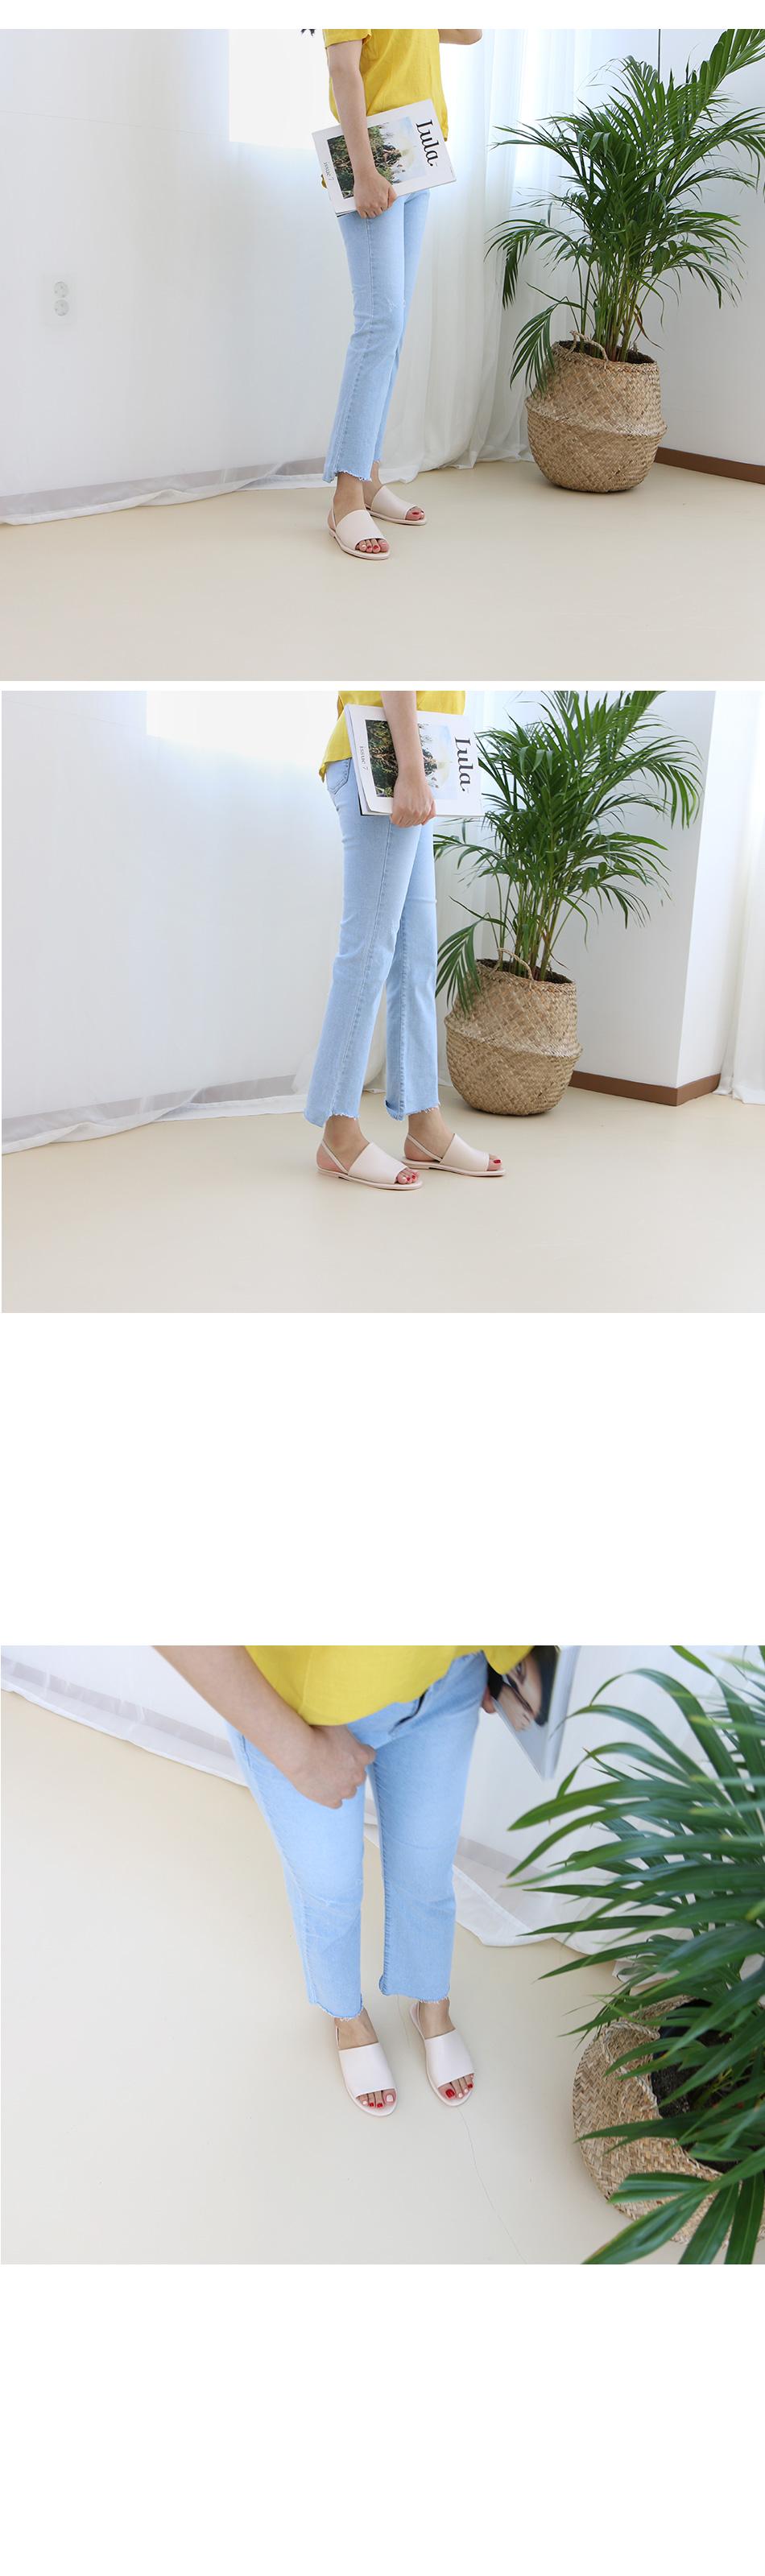 템드 와이드 슬링백 샌들 착용컷